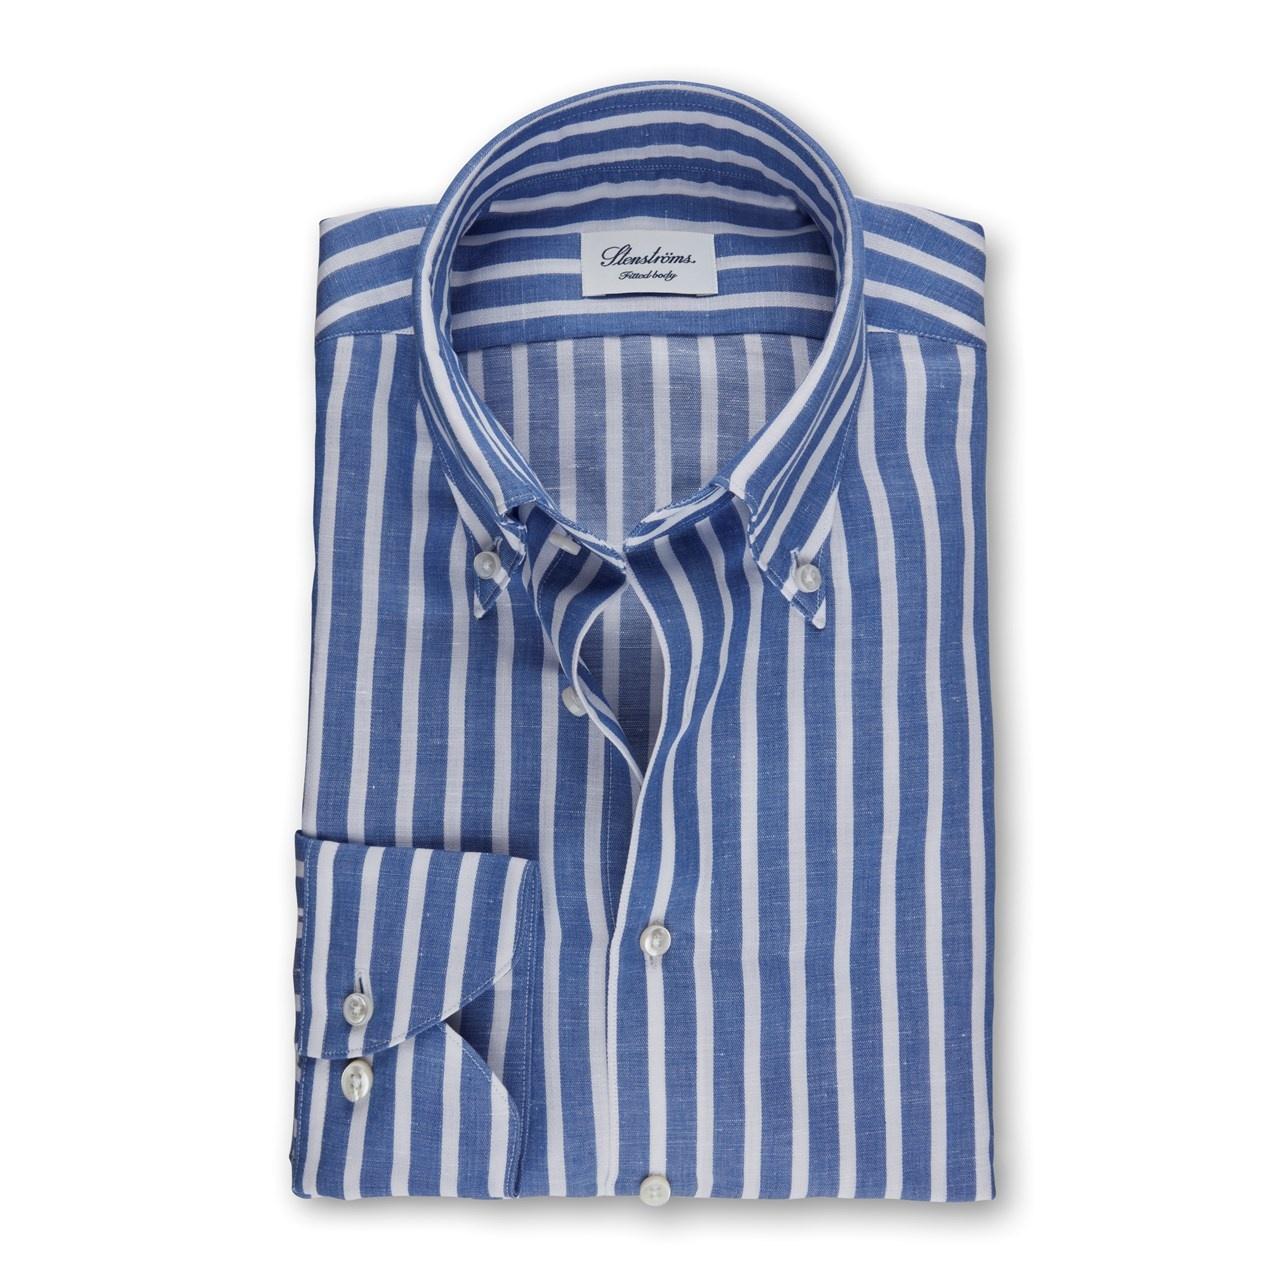 Stenstroms Candy stripe cotton/linen button down